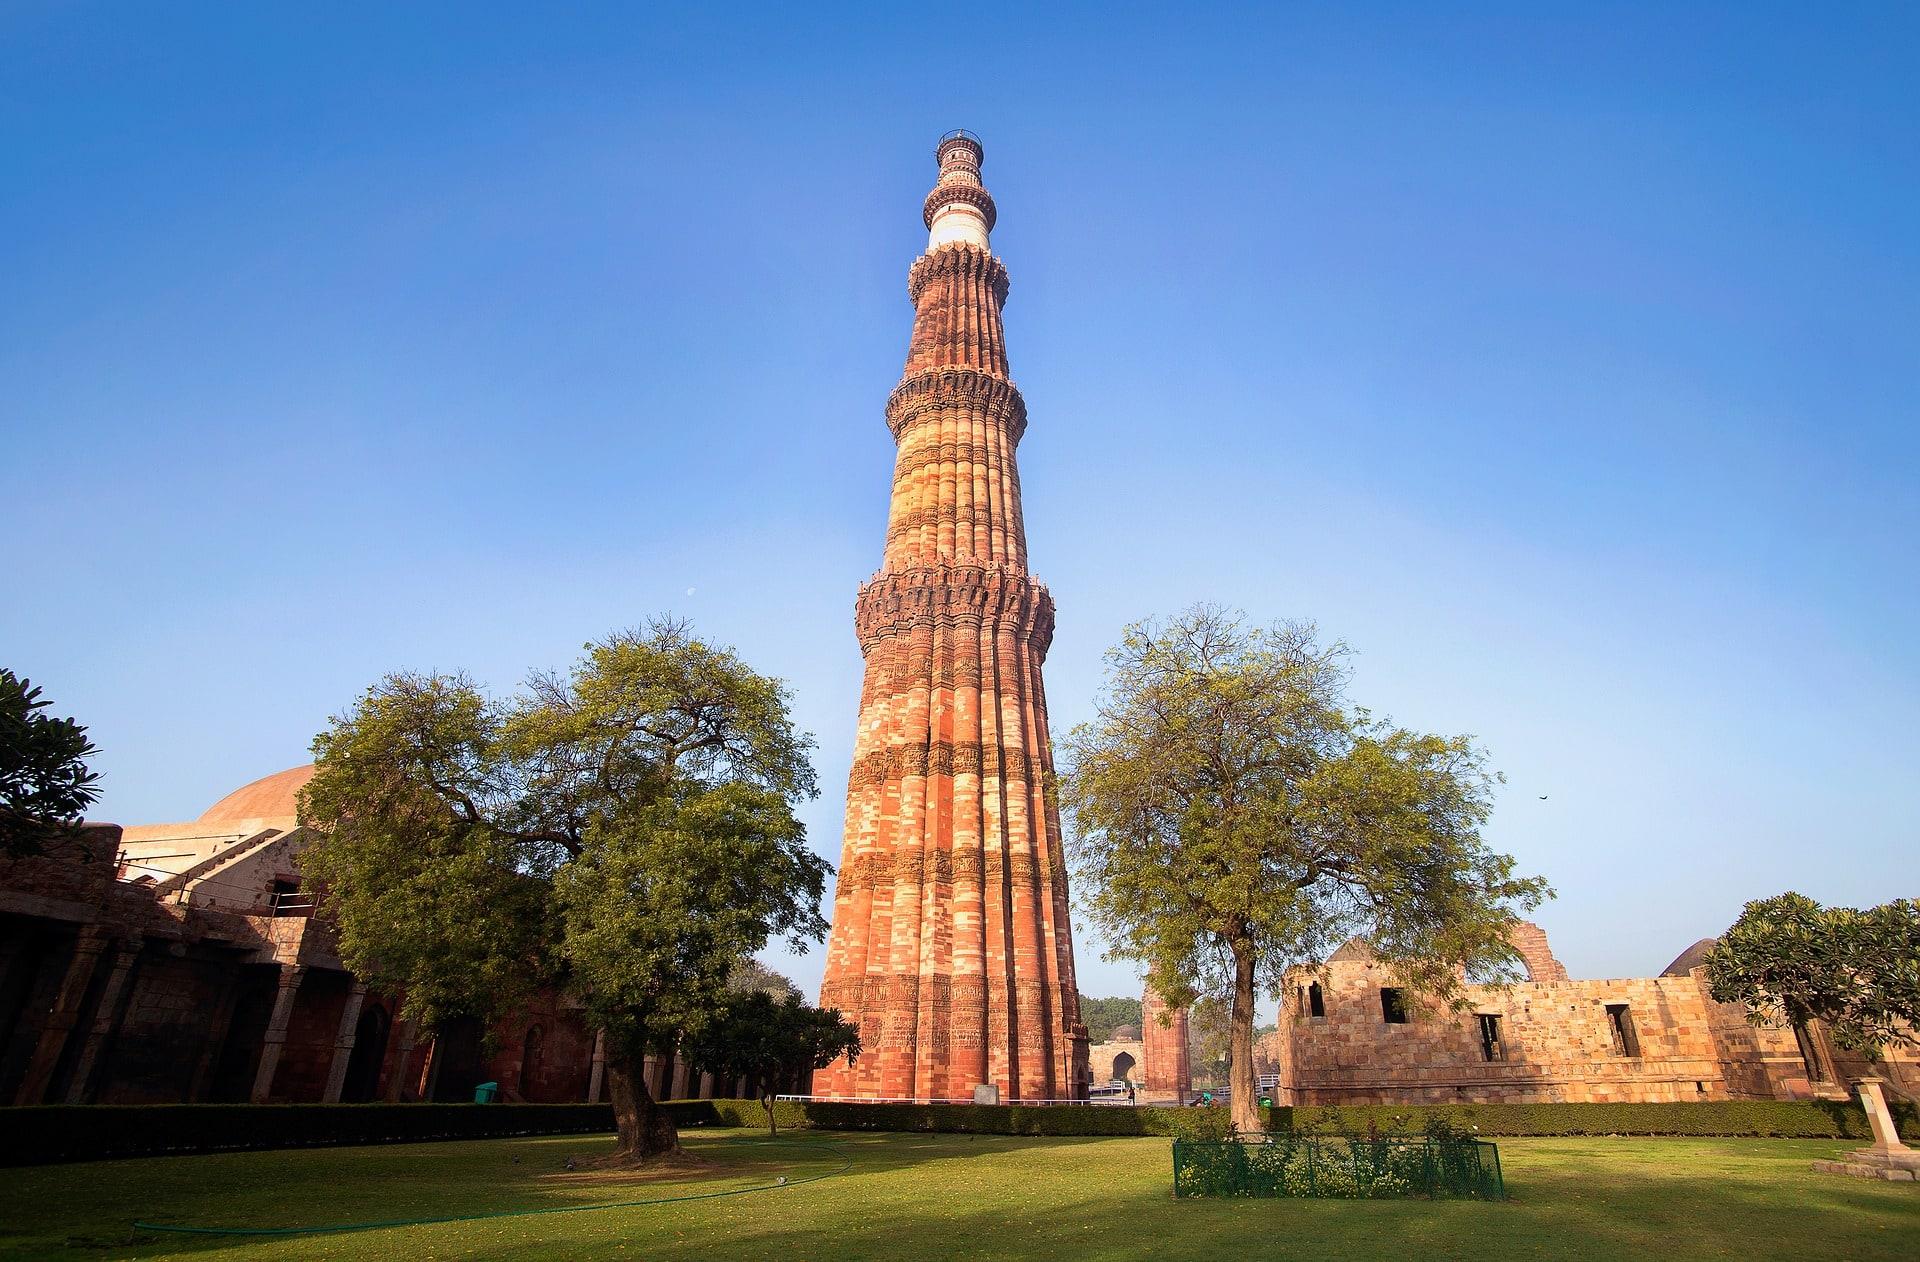 View the tall Qutub Minar in Delhi, India